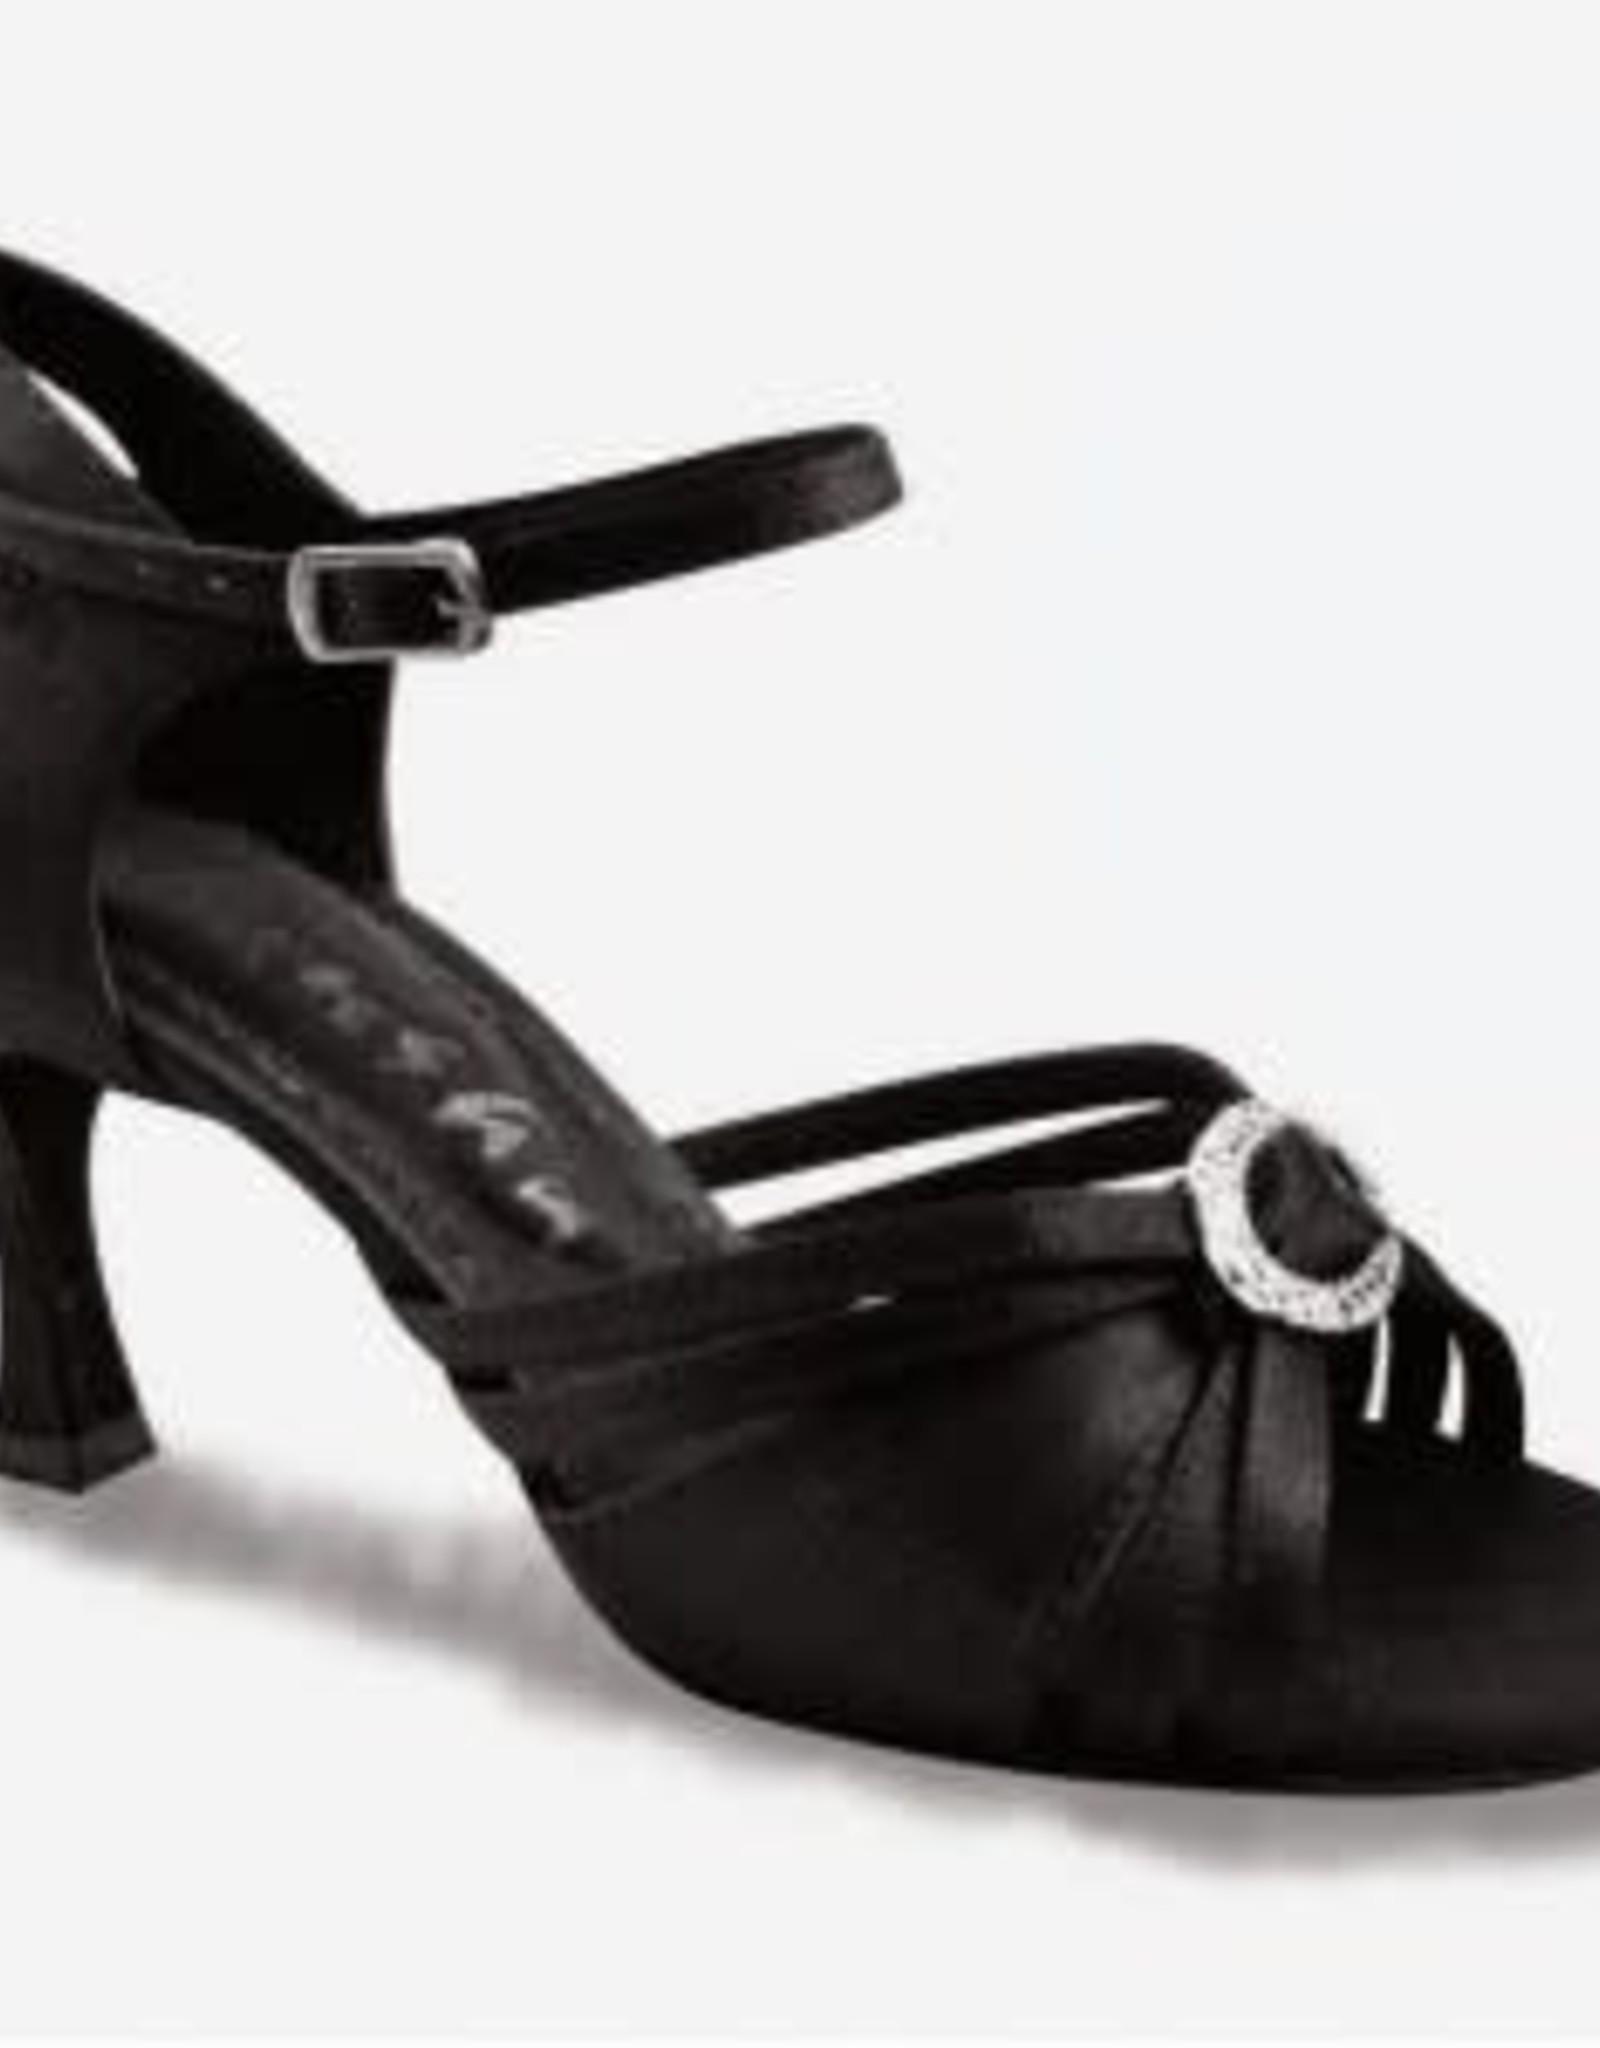 Radadancewear Sansha SOULIERS MARGARITA 7.6 cm